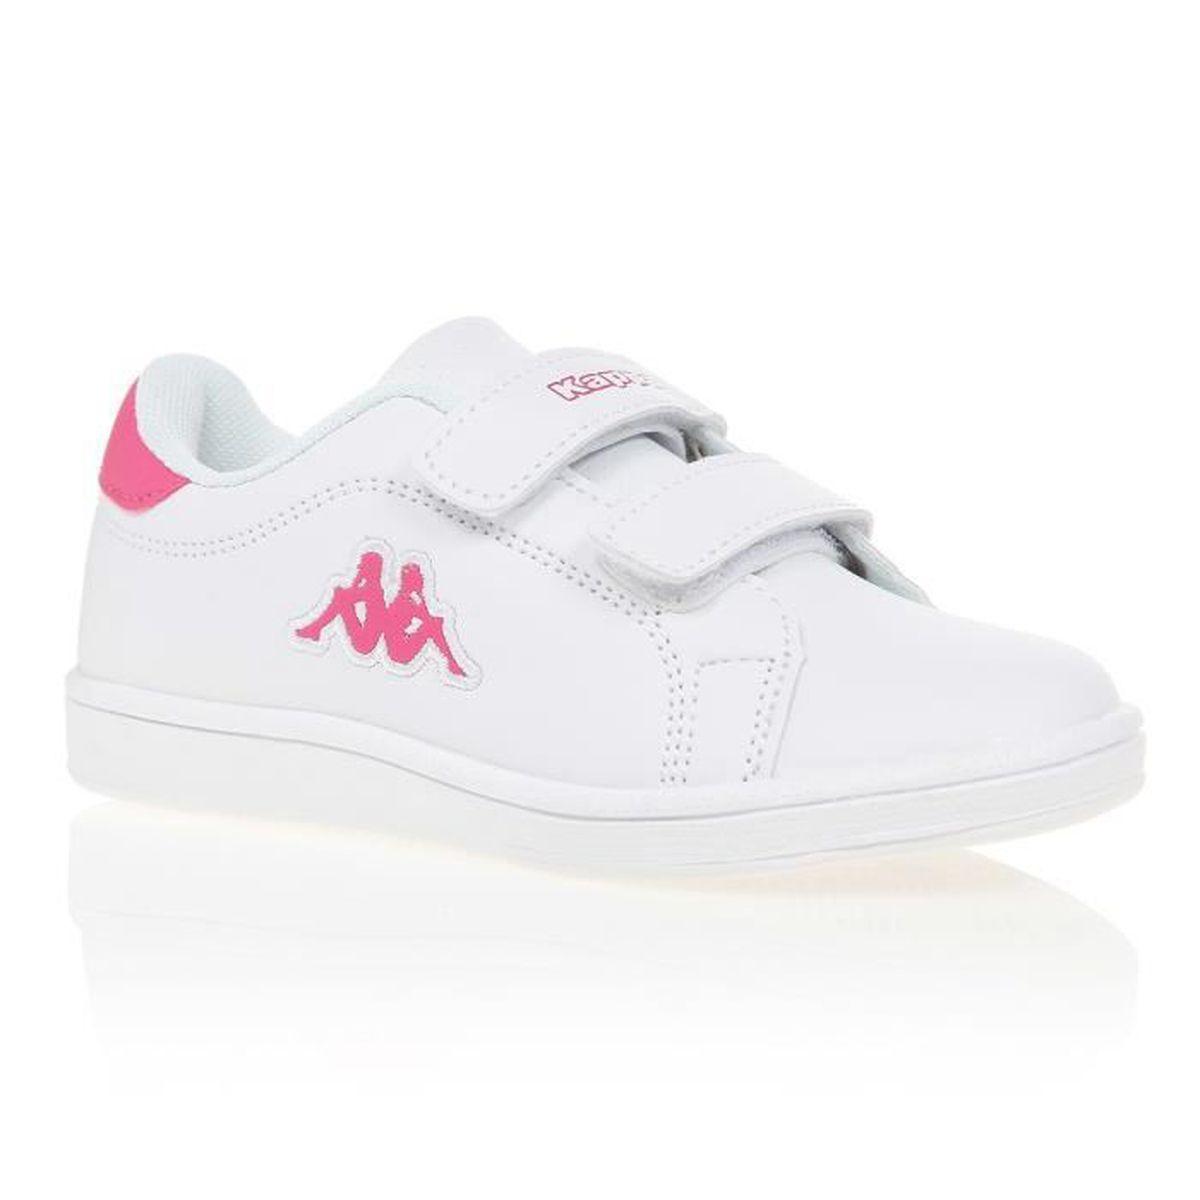 premium selection 1ef81 d80e5 Chaussure enfant fille